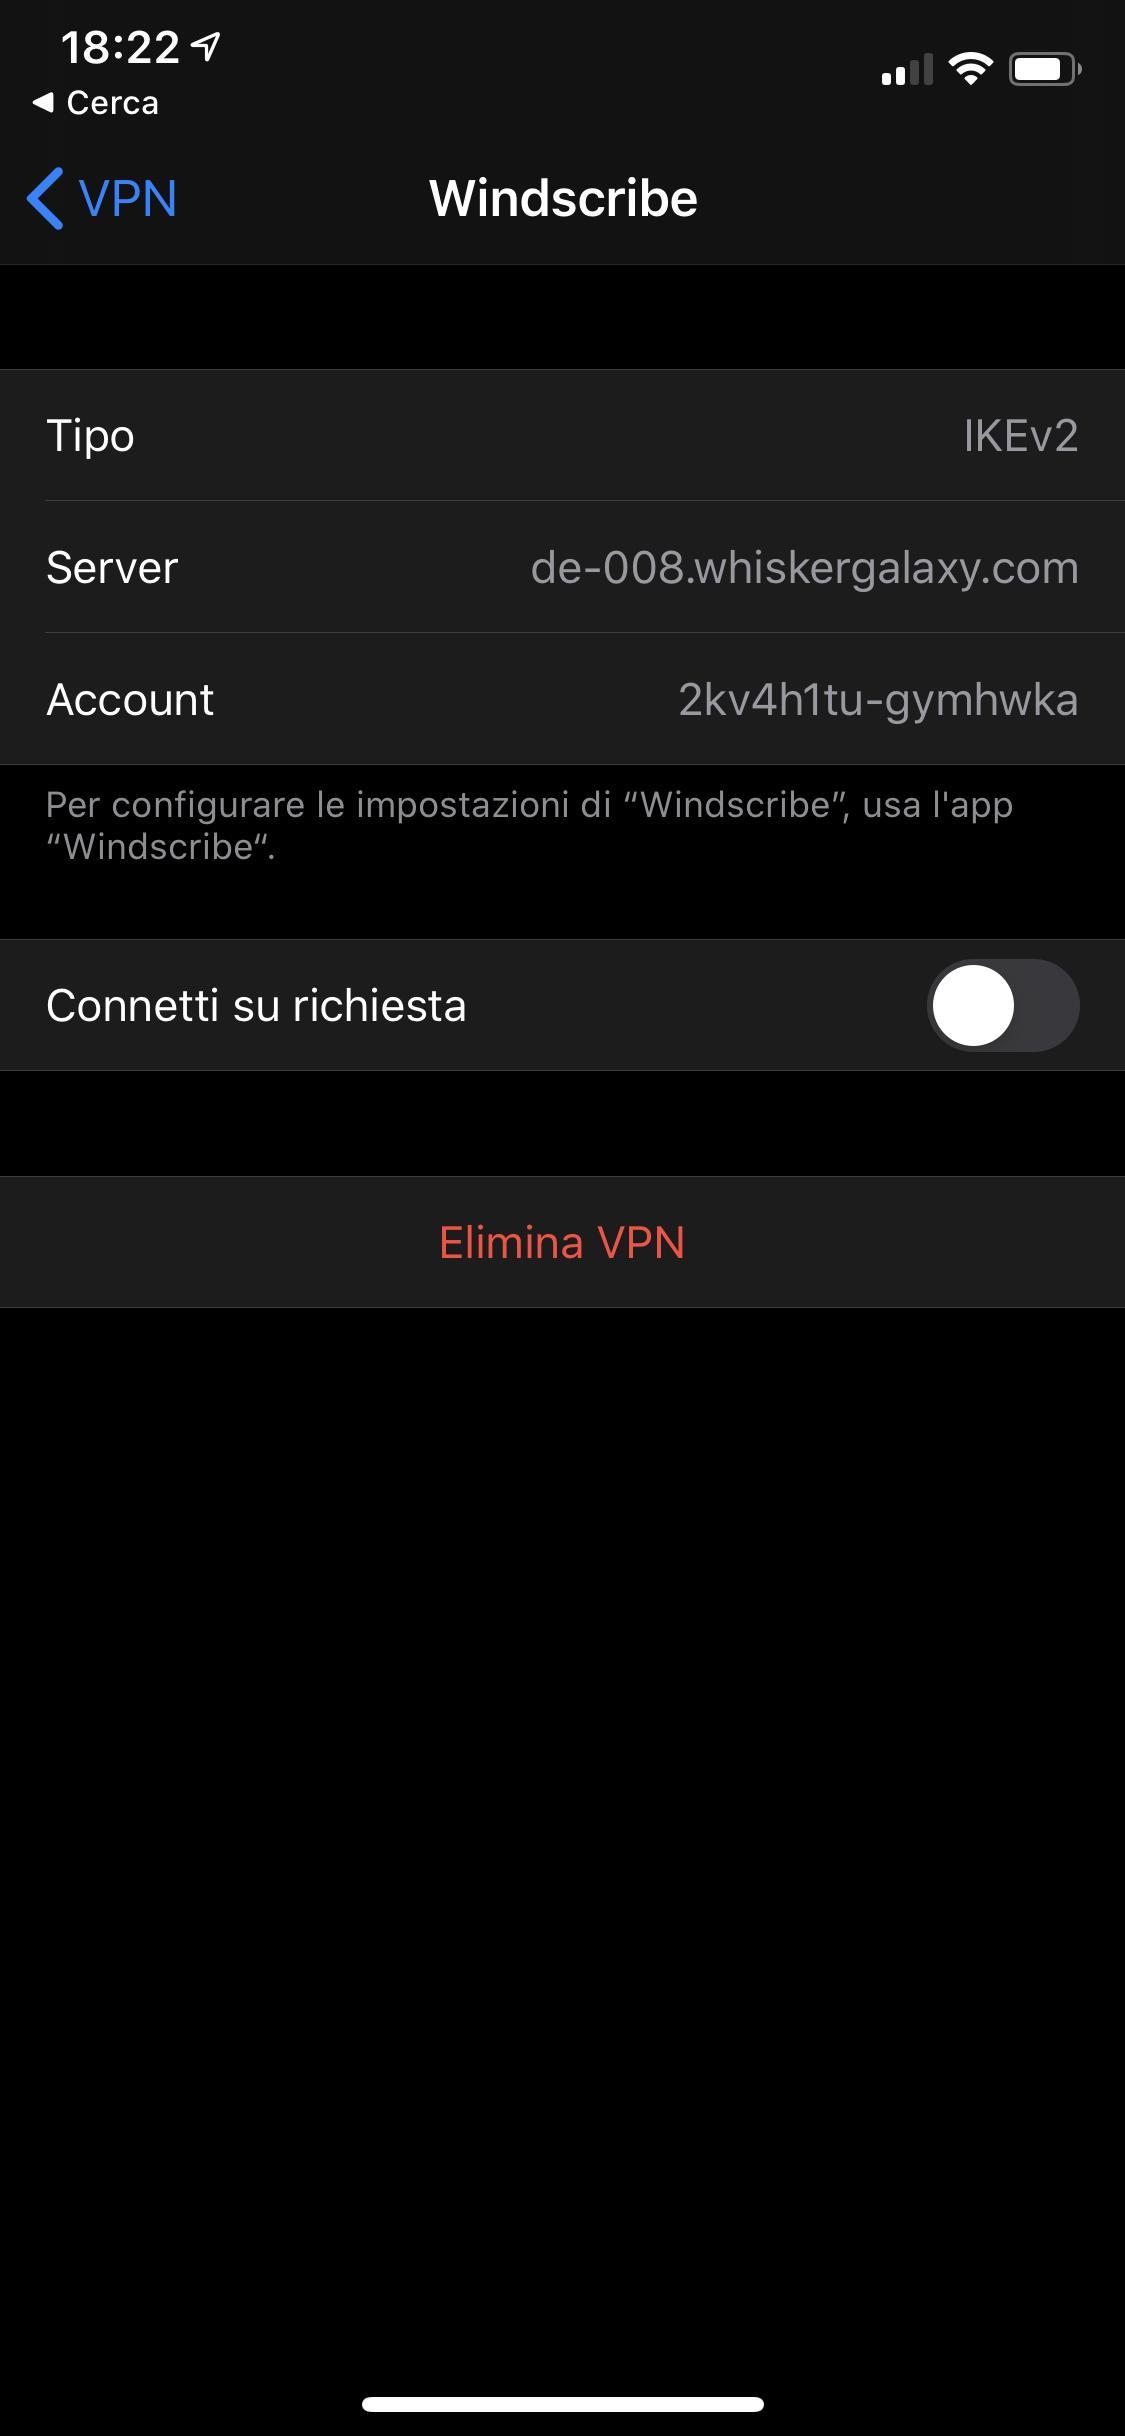 Come rimuovere un profilo VPN da un iPhone o iPad 5